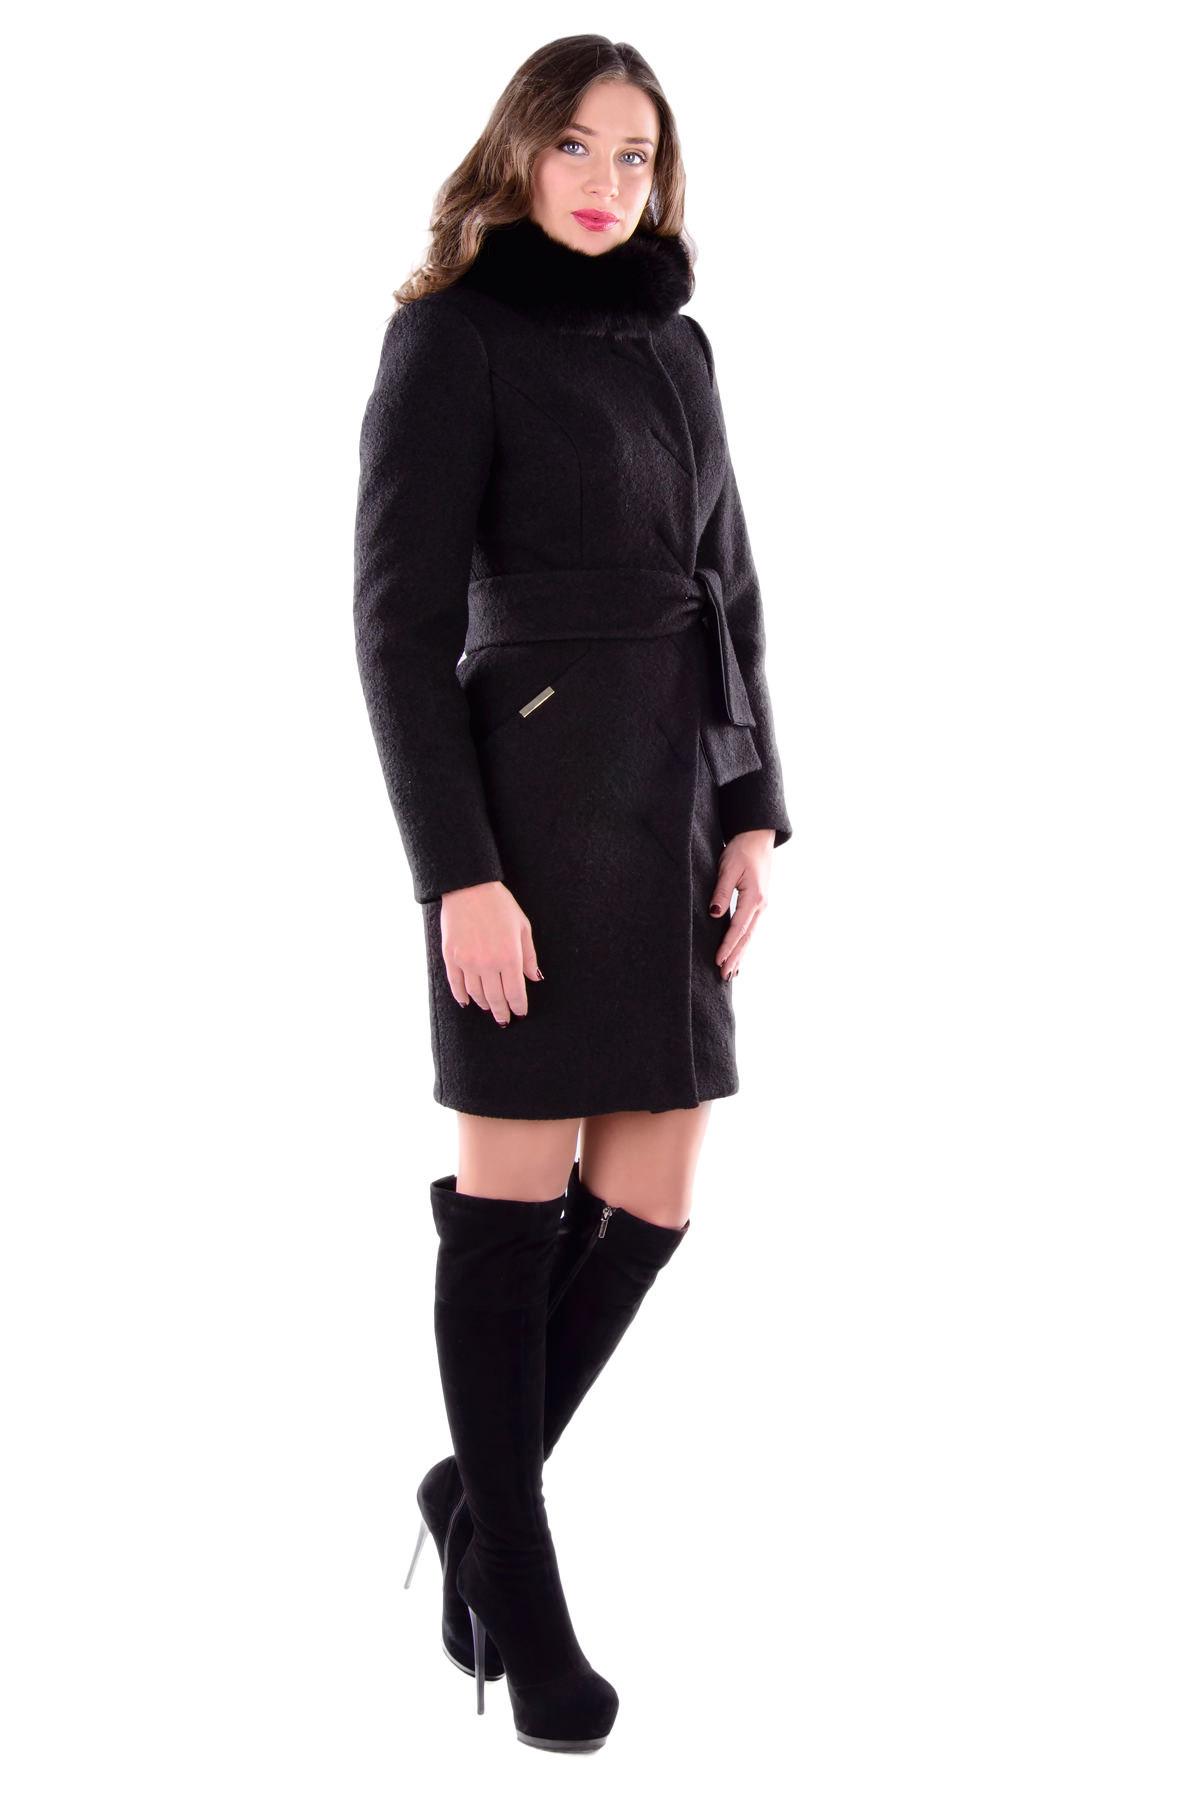 Купить кашемировое пальто оптом от производителя Пальто Луара 4486